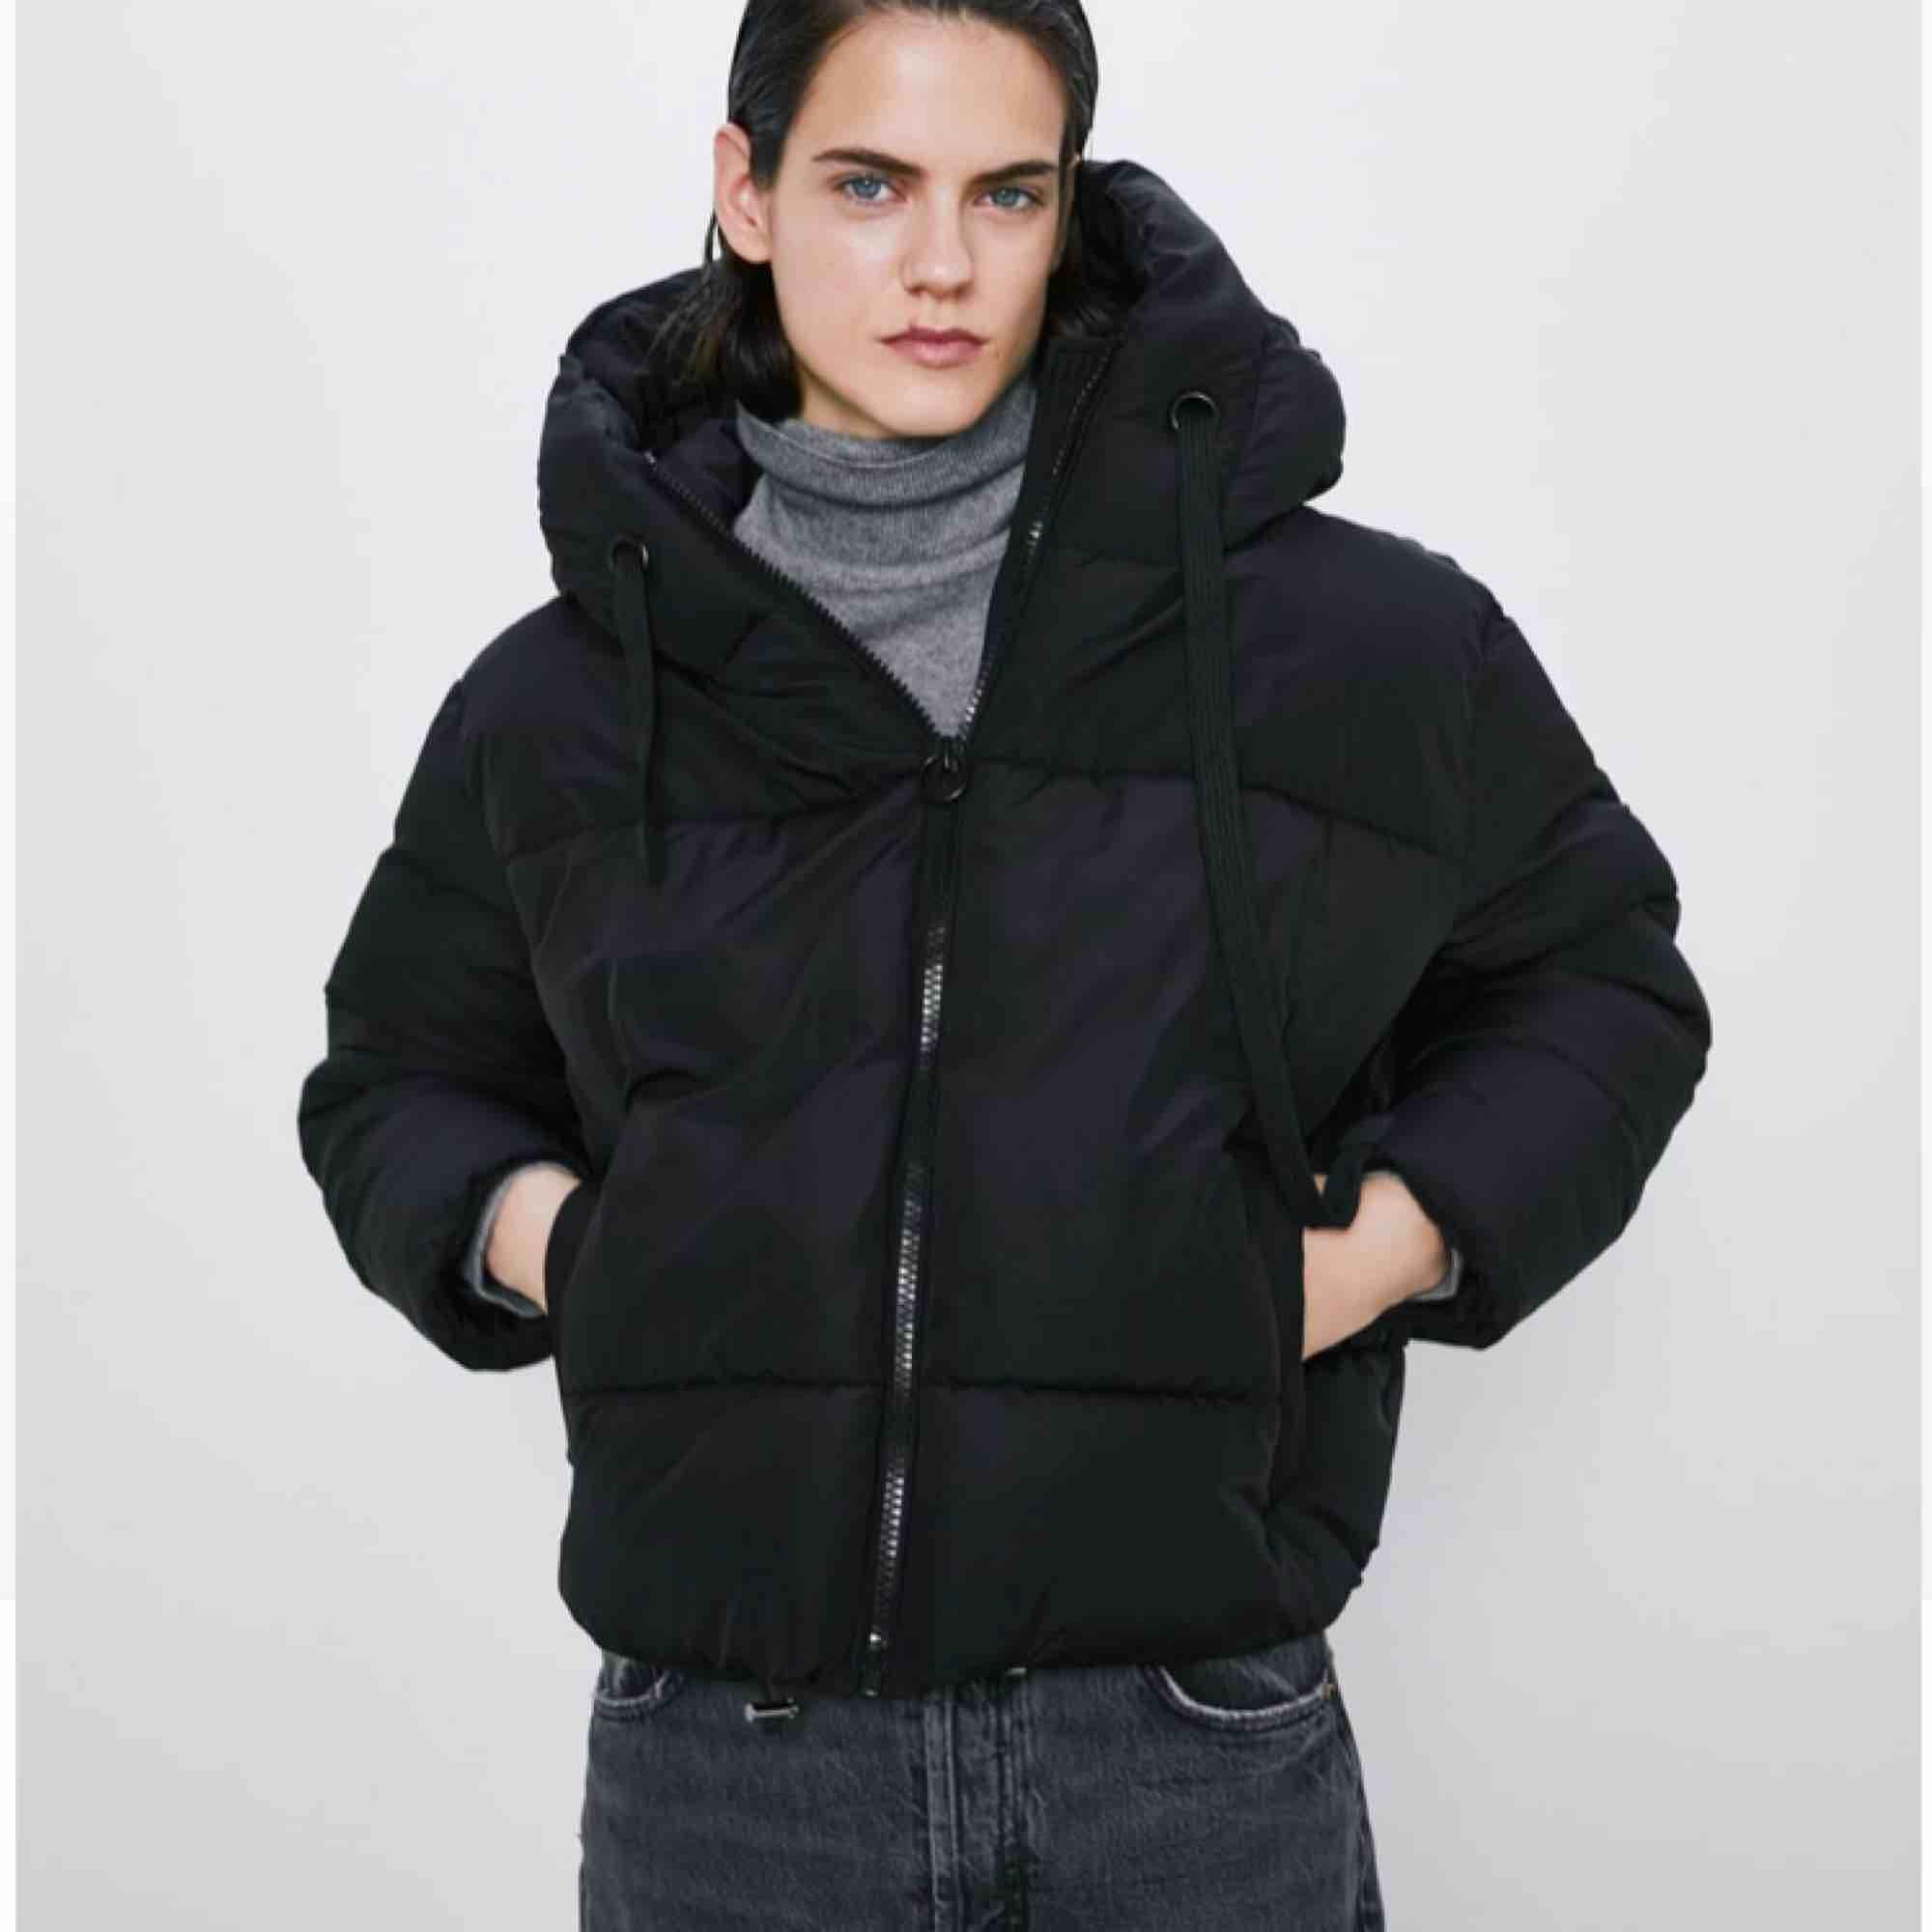 Jättefin och skön jacka ifrån Zara! Endast använd ett fåtal gånger, säljes på grund av felköp av storlek. Nypris 549 :-. Jackor.